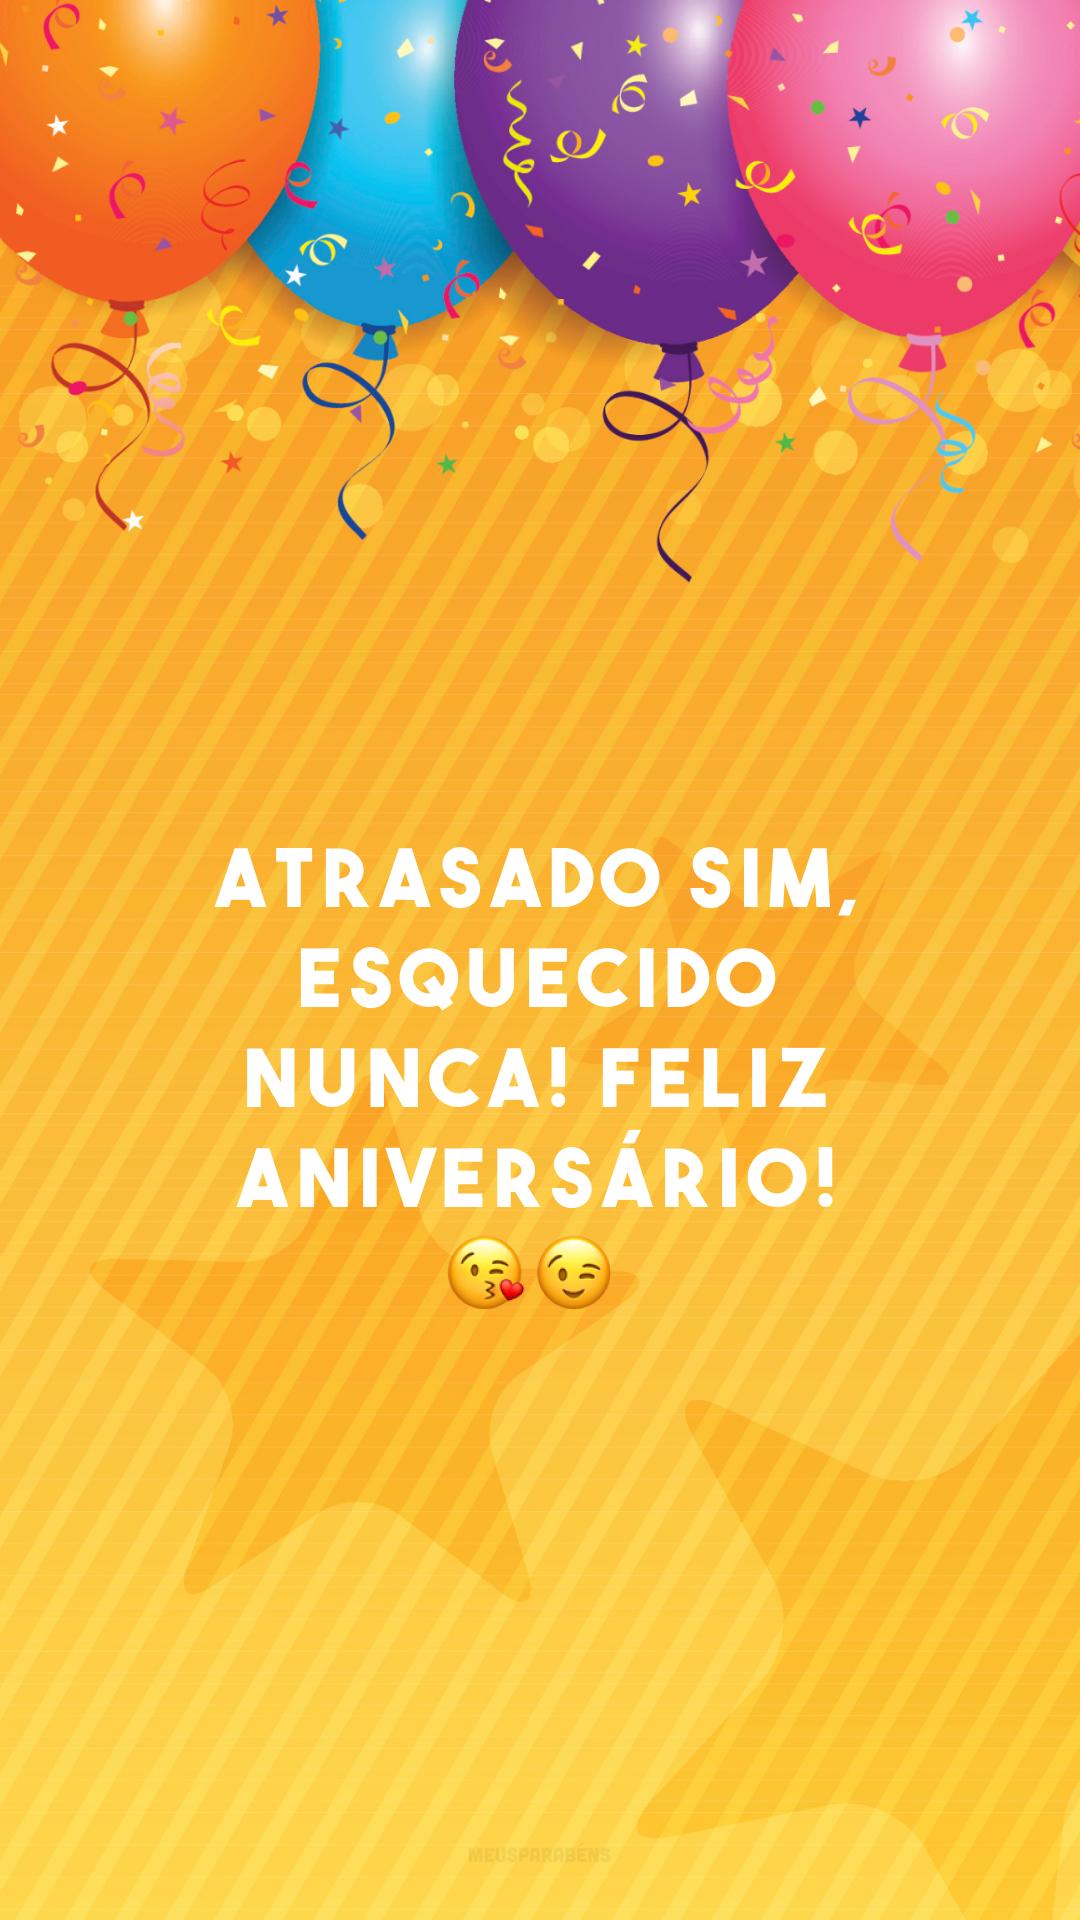 Atrasado sim, esquecido nunca! Feliz aniversário! 😘😉<br />